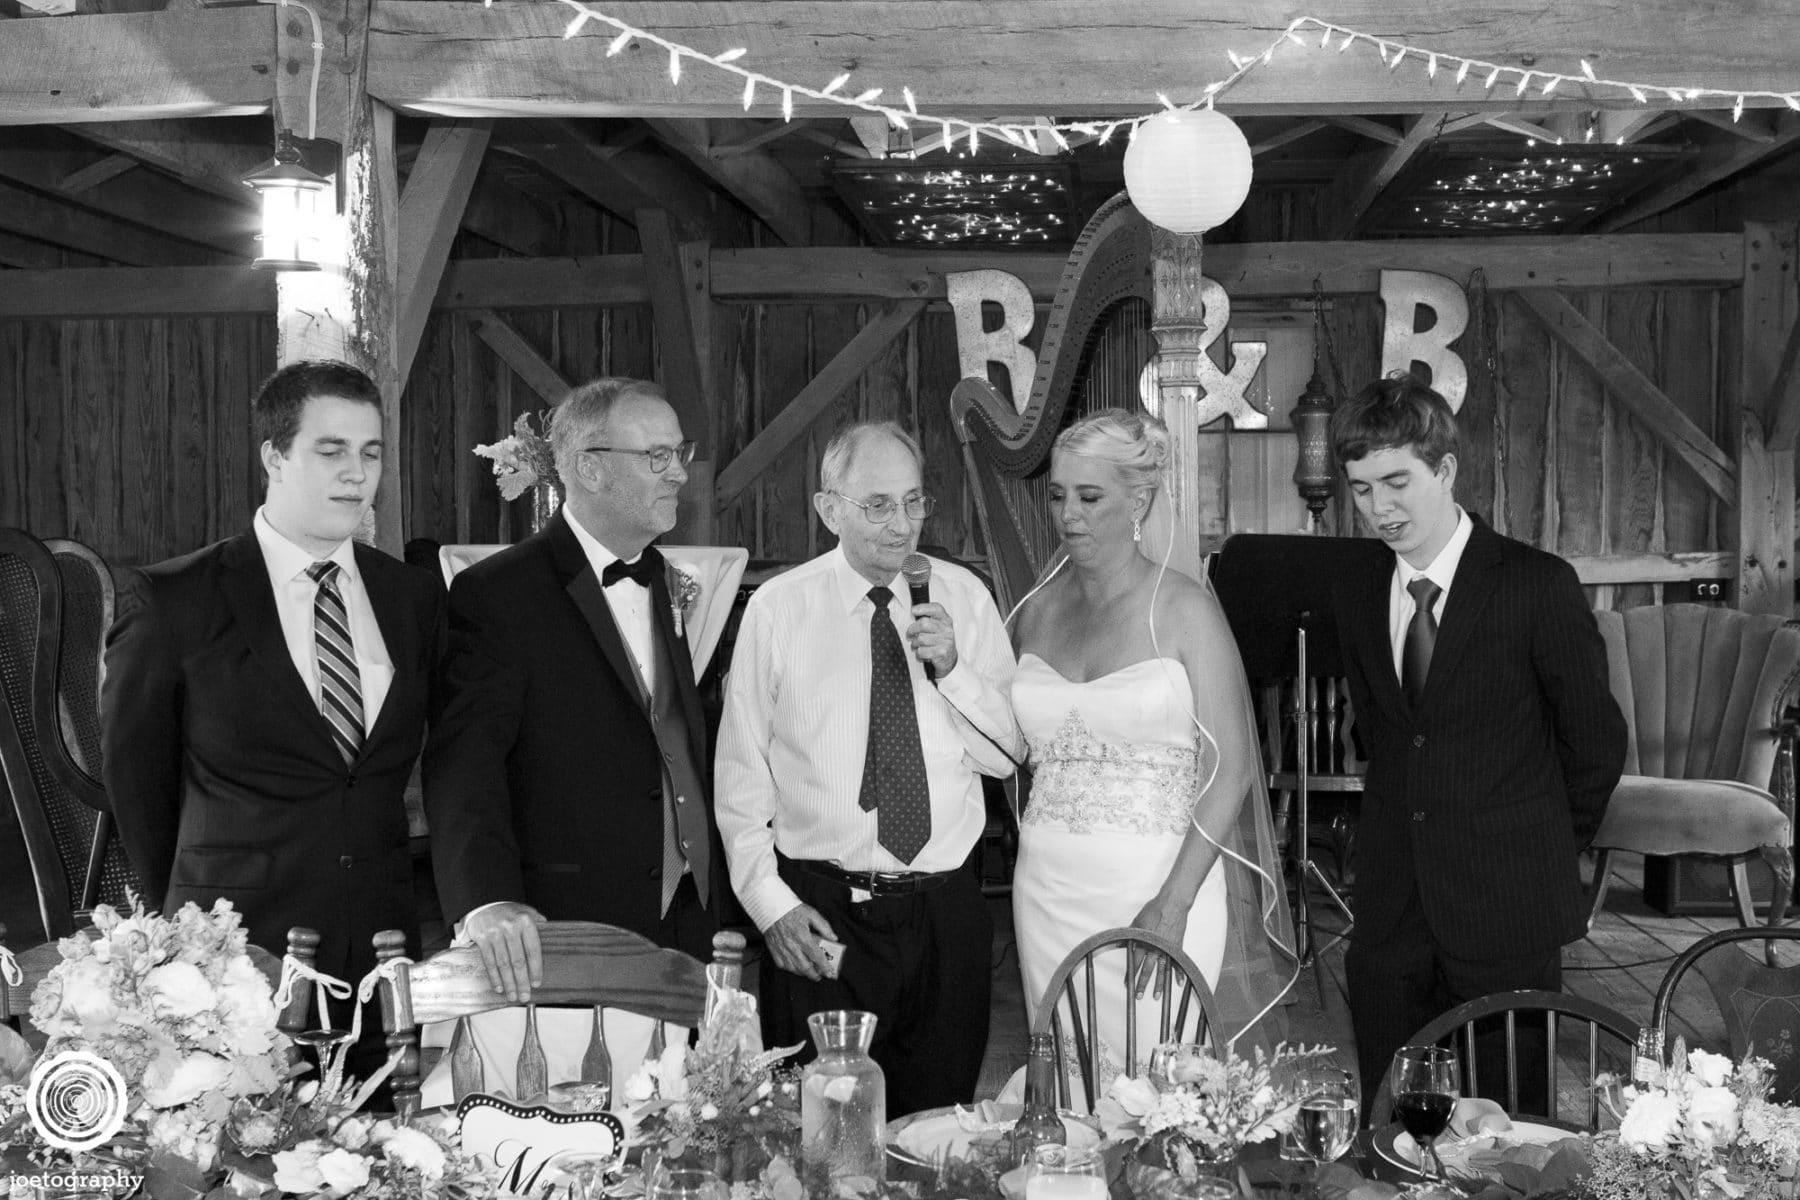 donaldson-wedding-photography-whitestown-indiana-171